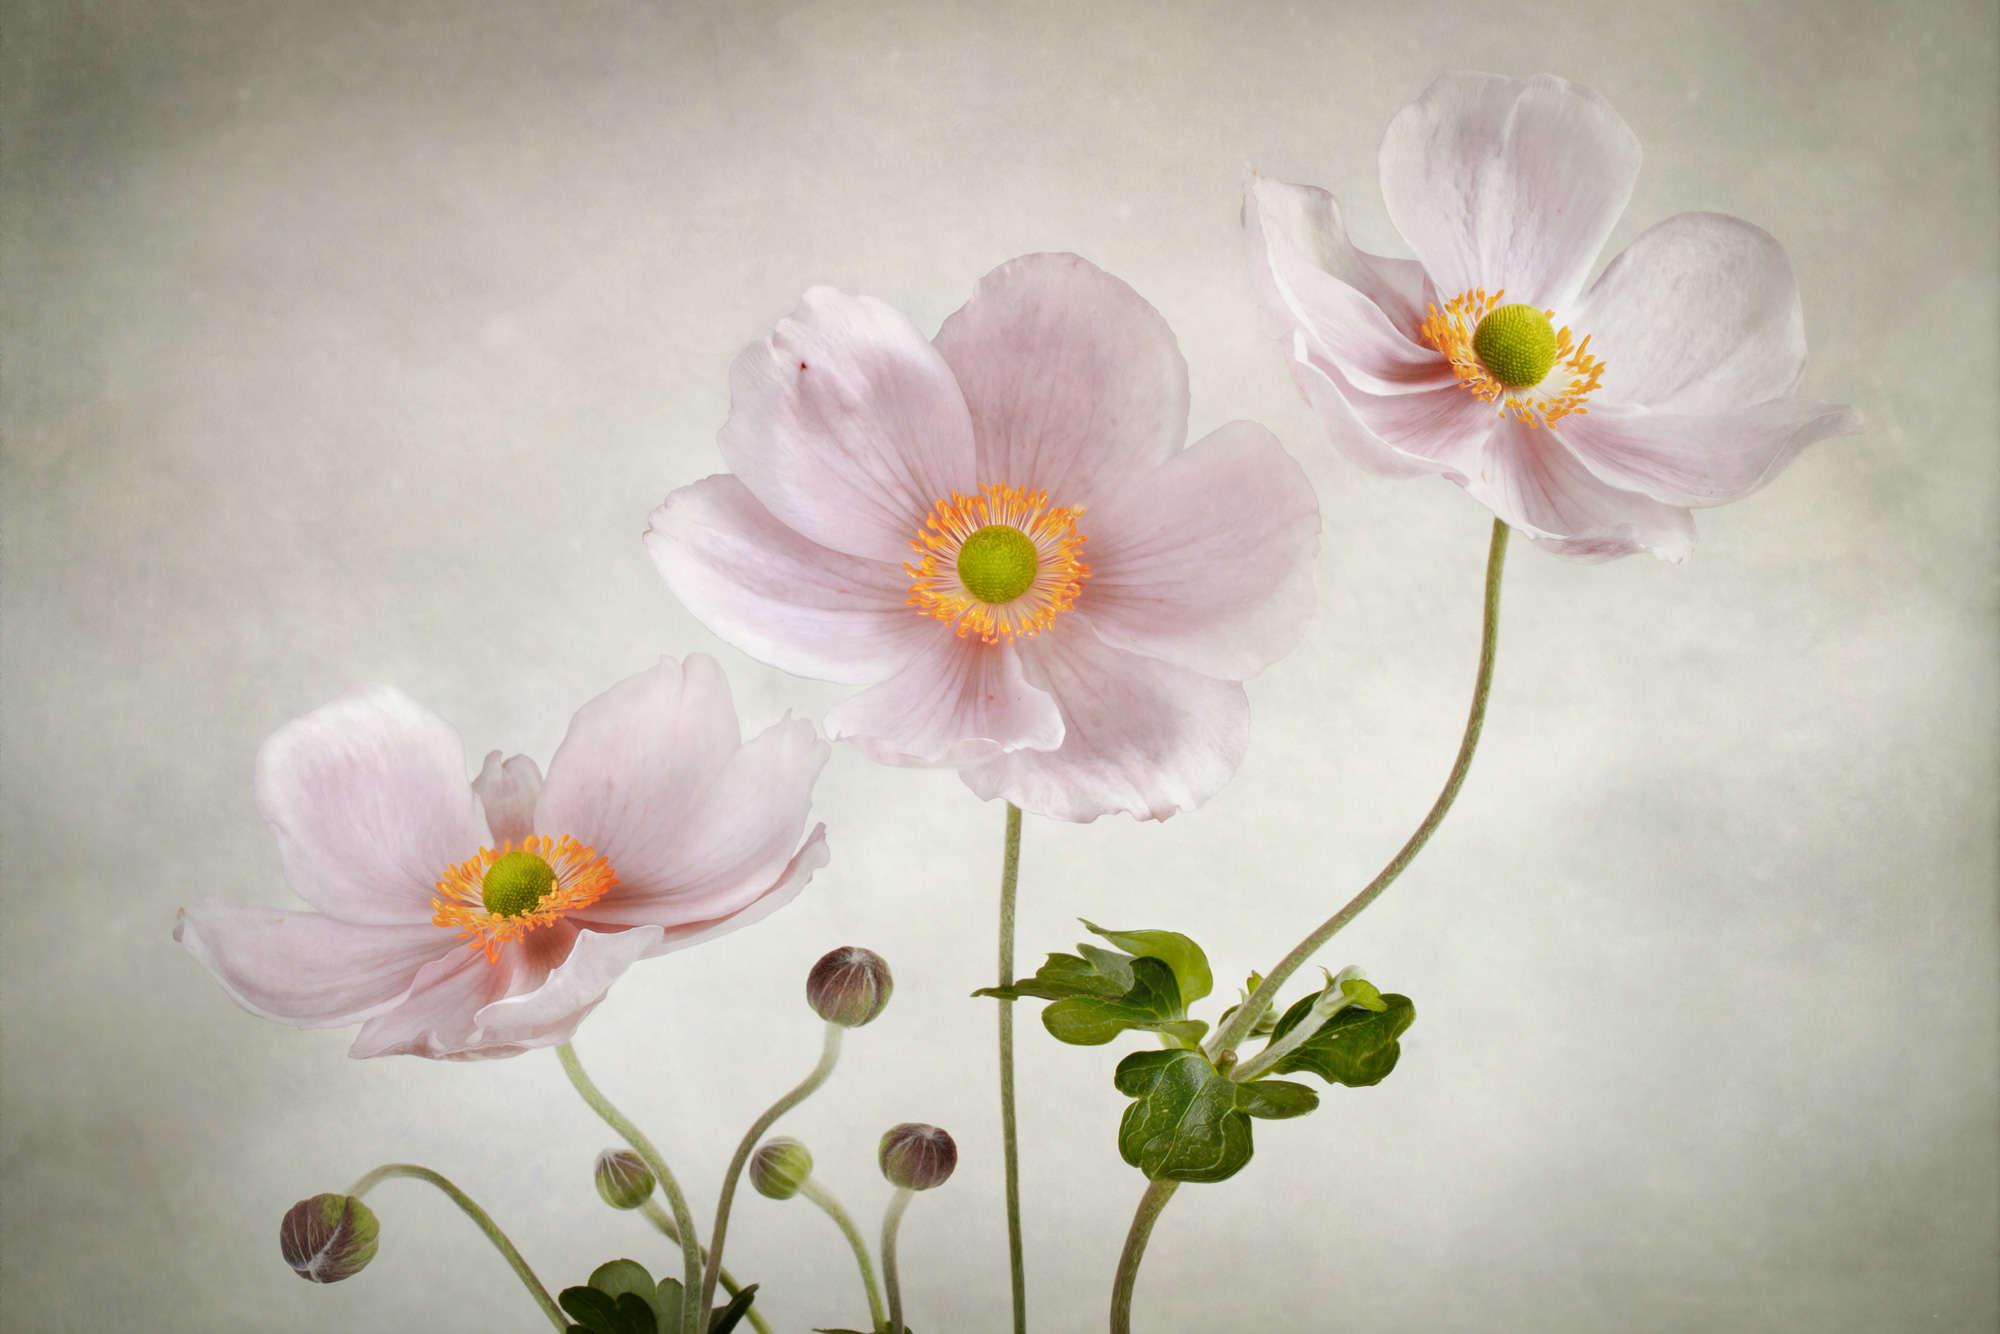 Mandy Disher - Three Anemone